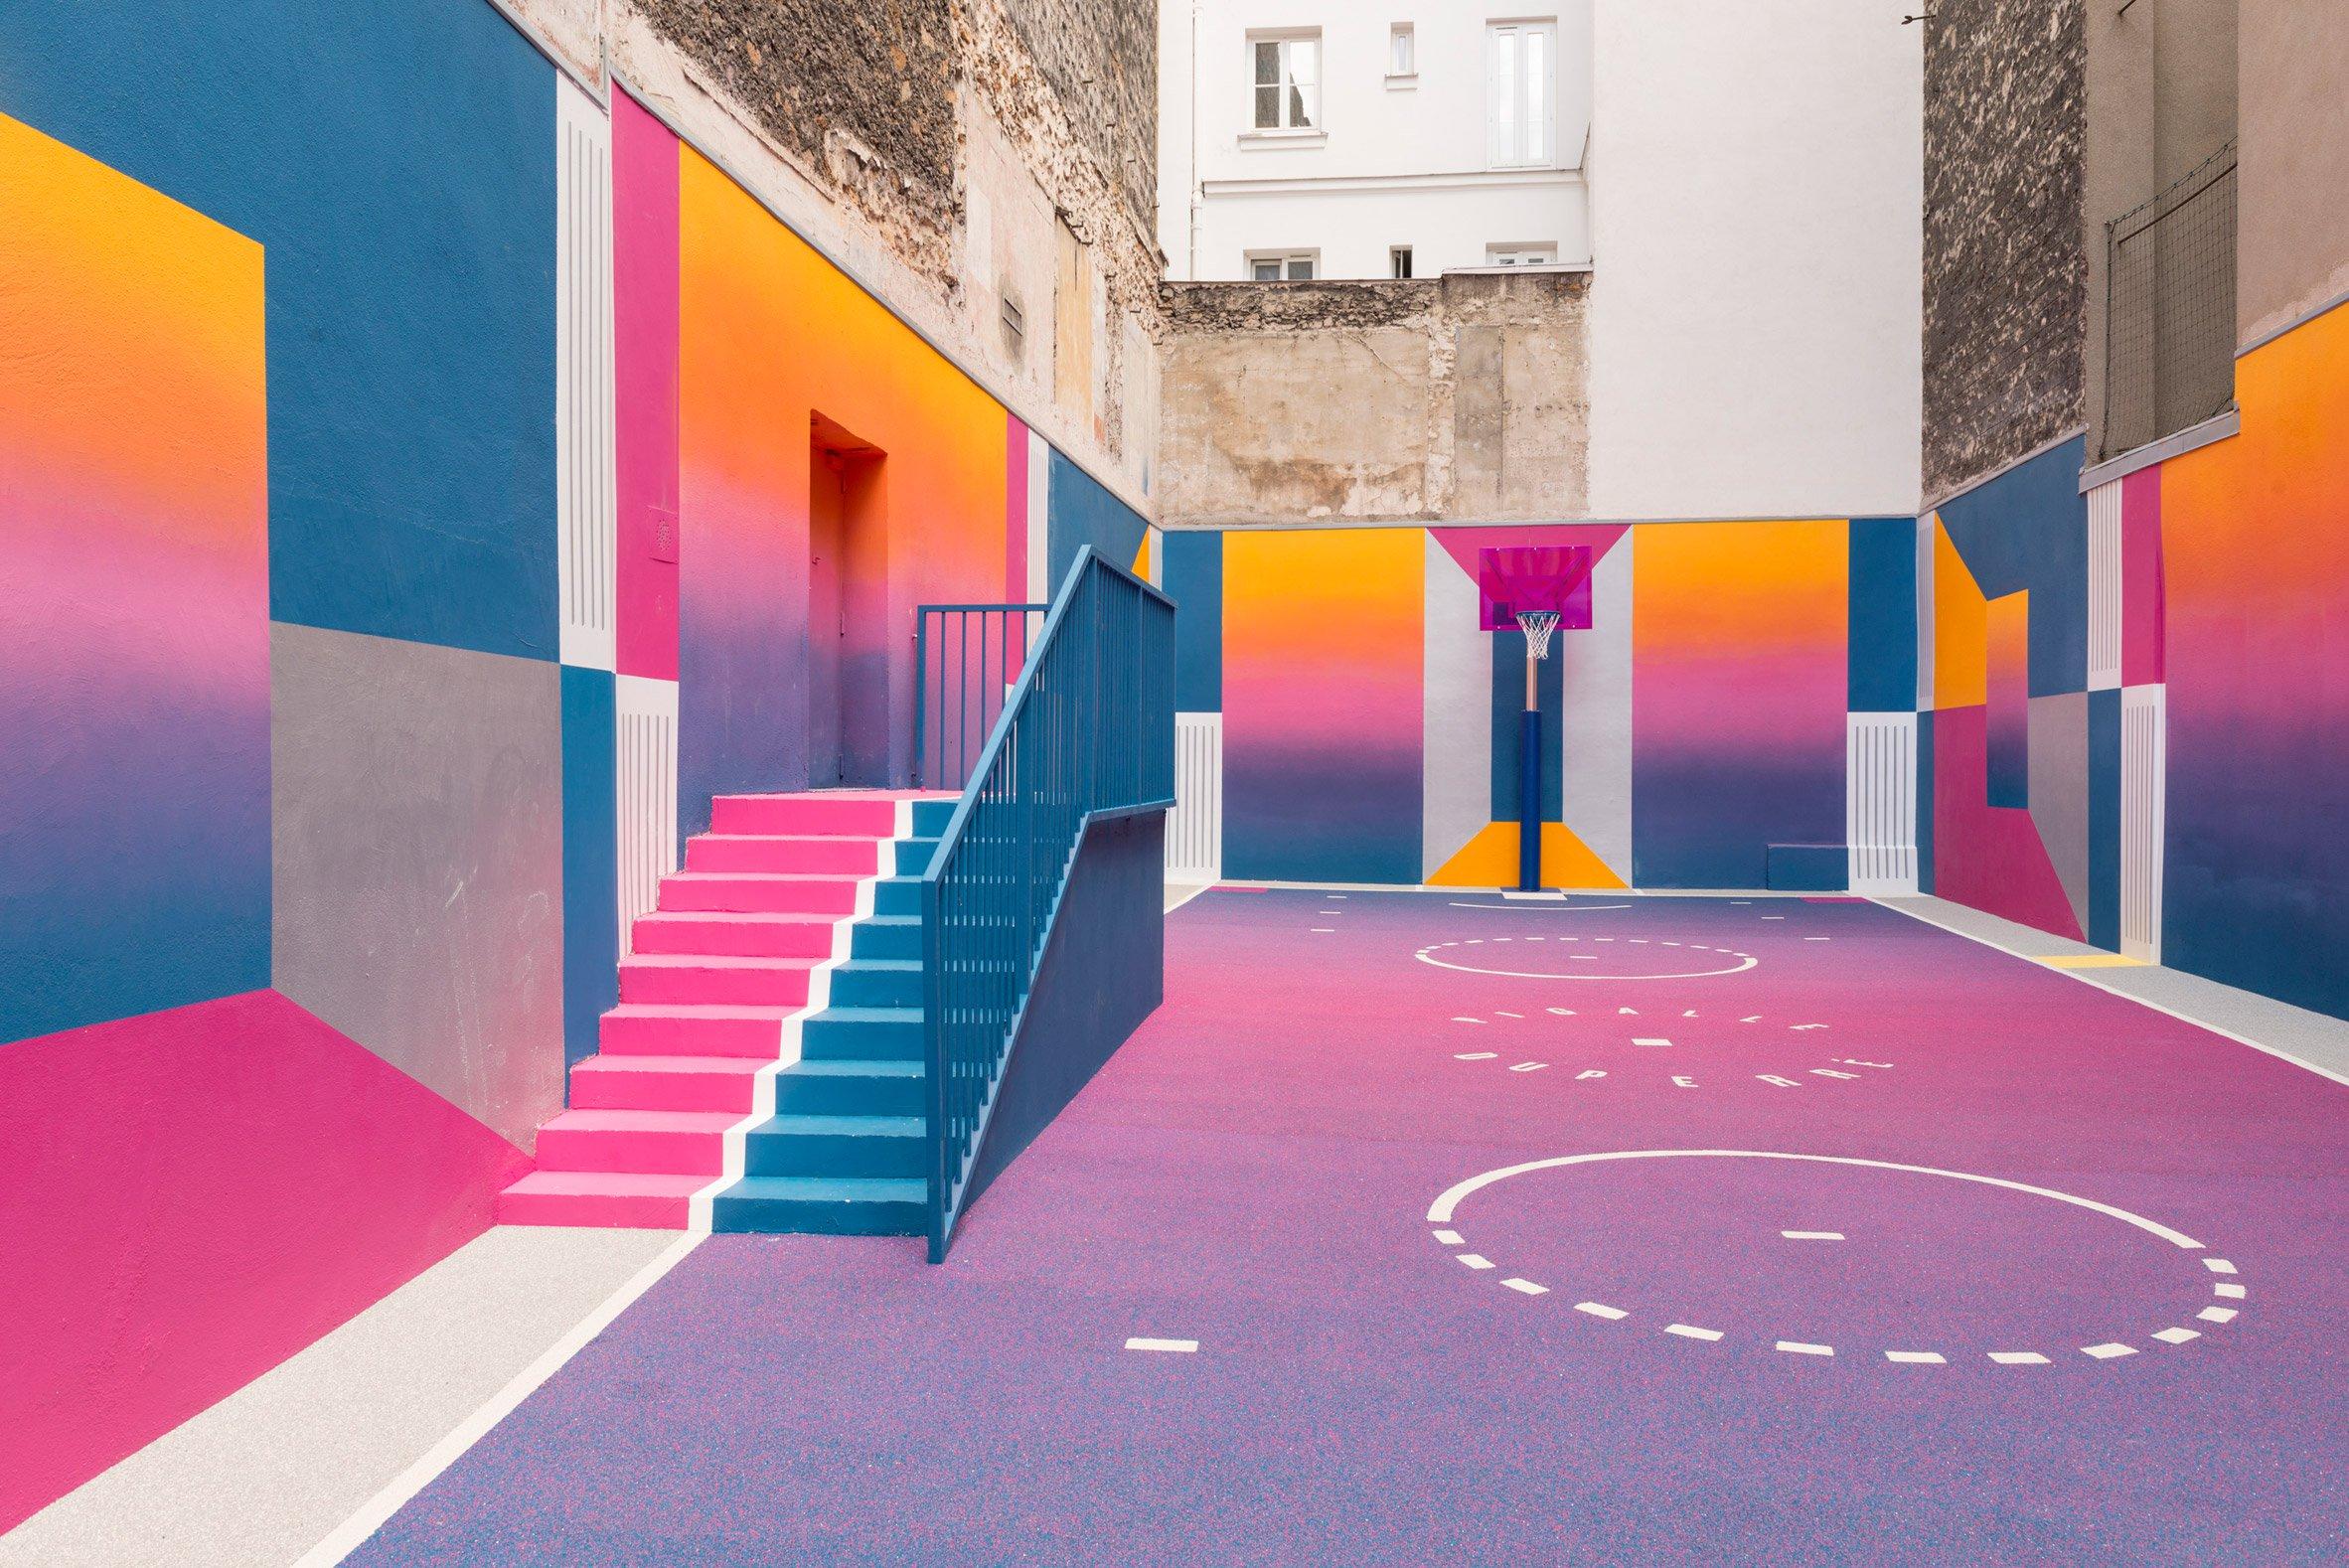 basket-court-pigalle-studio-architecture-public-leisure-paris-france-_dezeen_2364_col_5.jpg